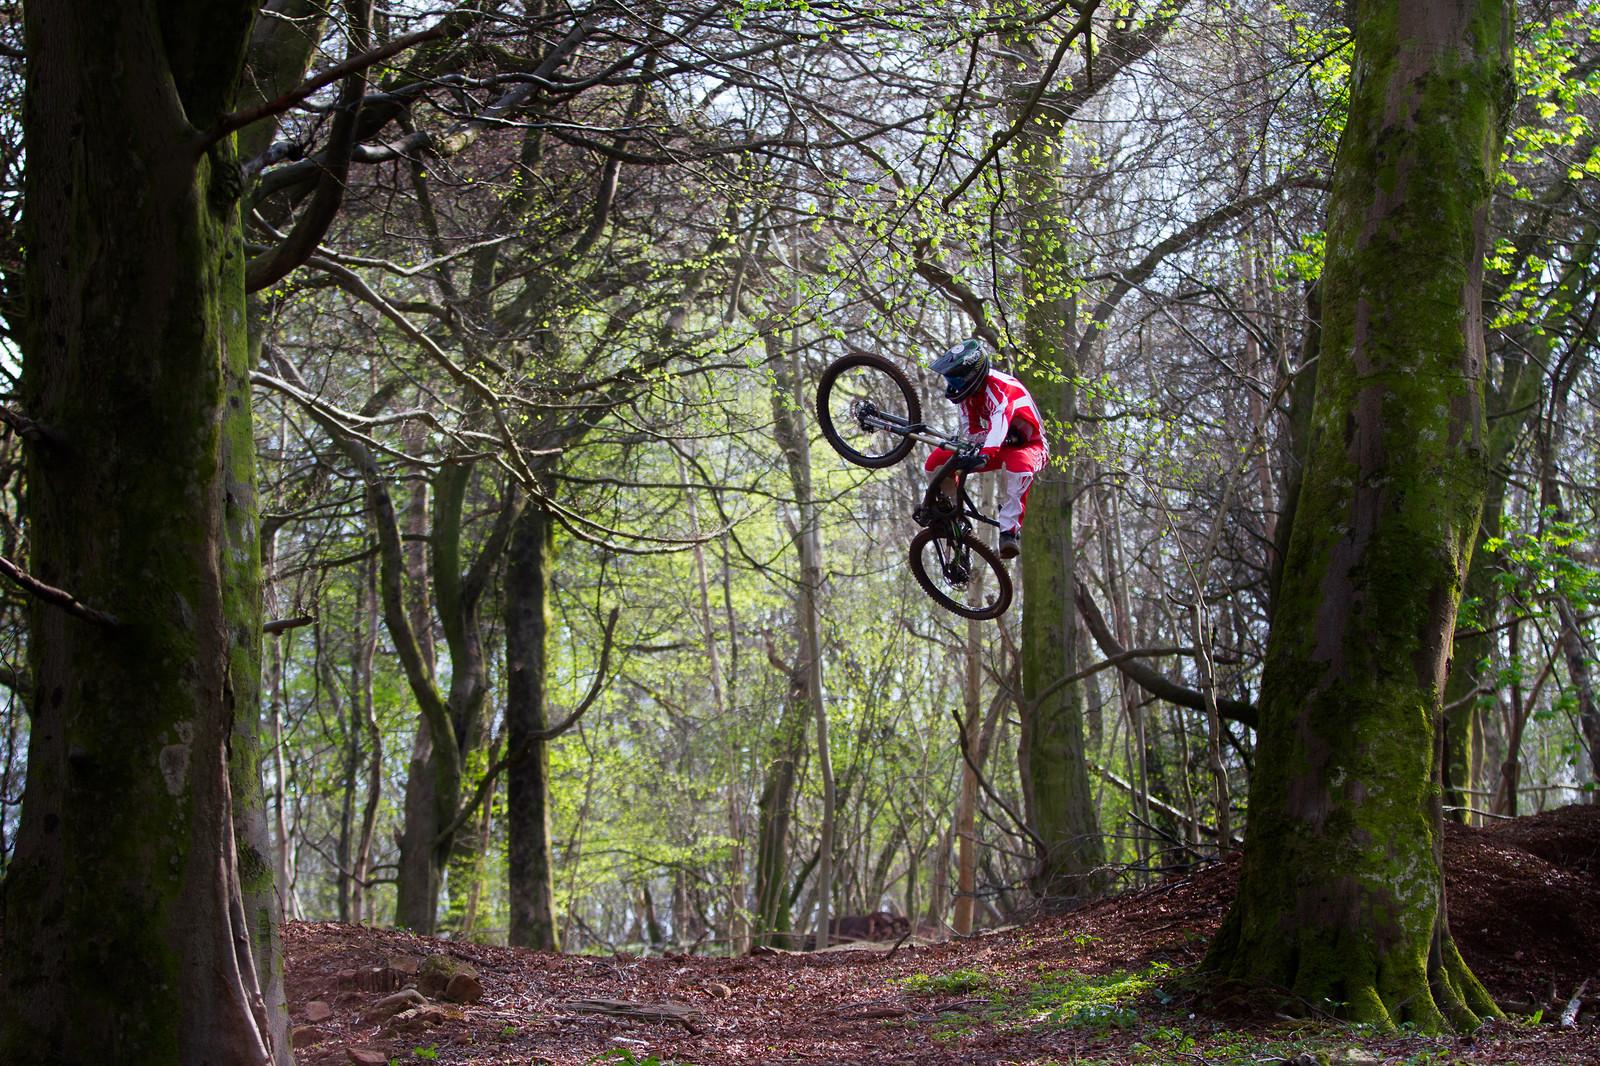 footloose - Wayne DC - Mountain Biking Pictures - Vital MTB